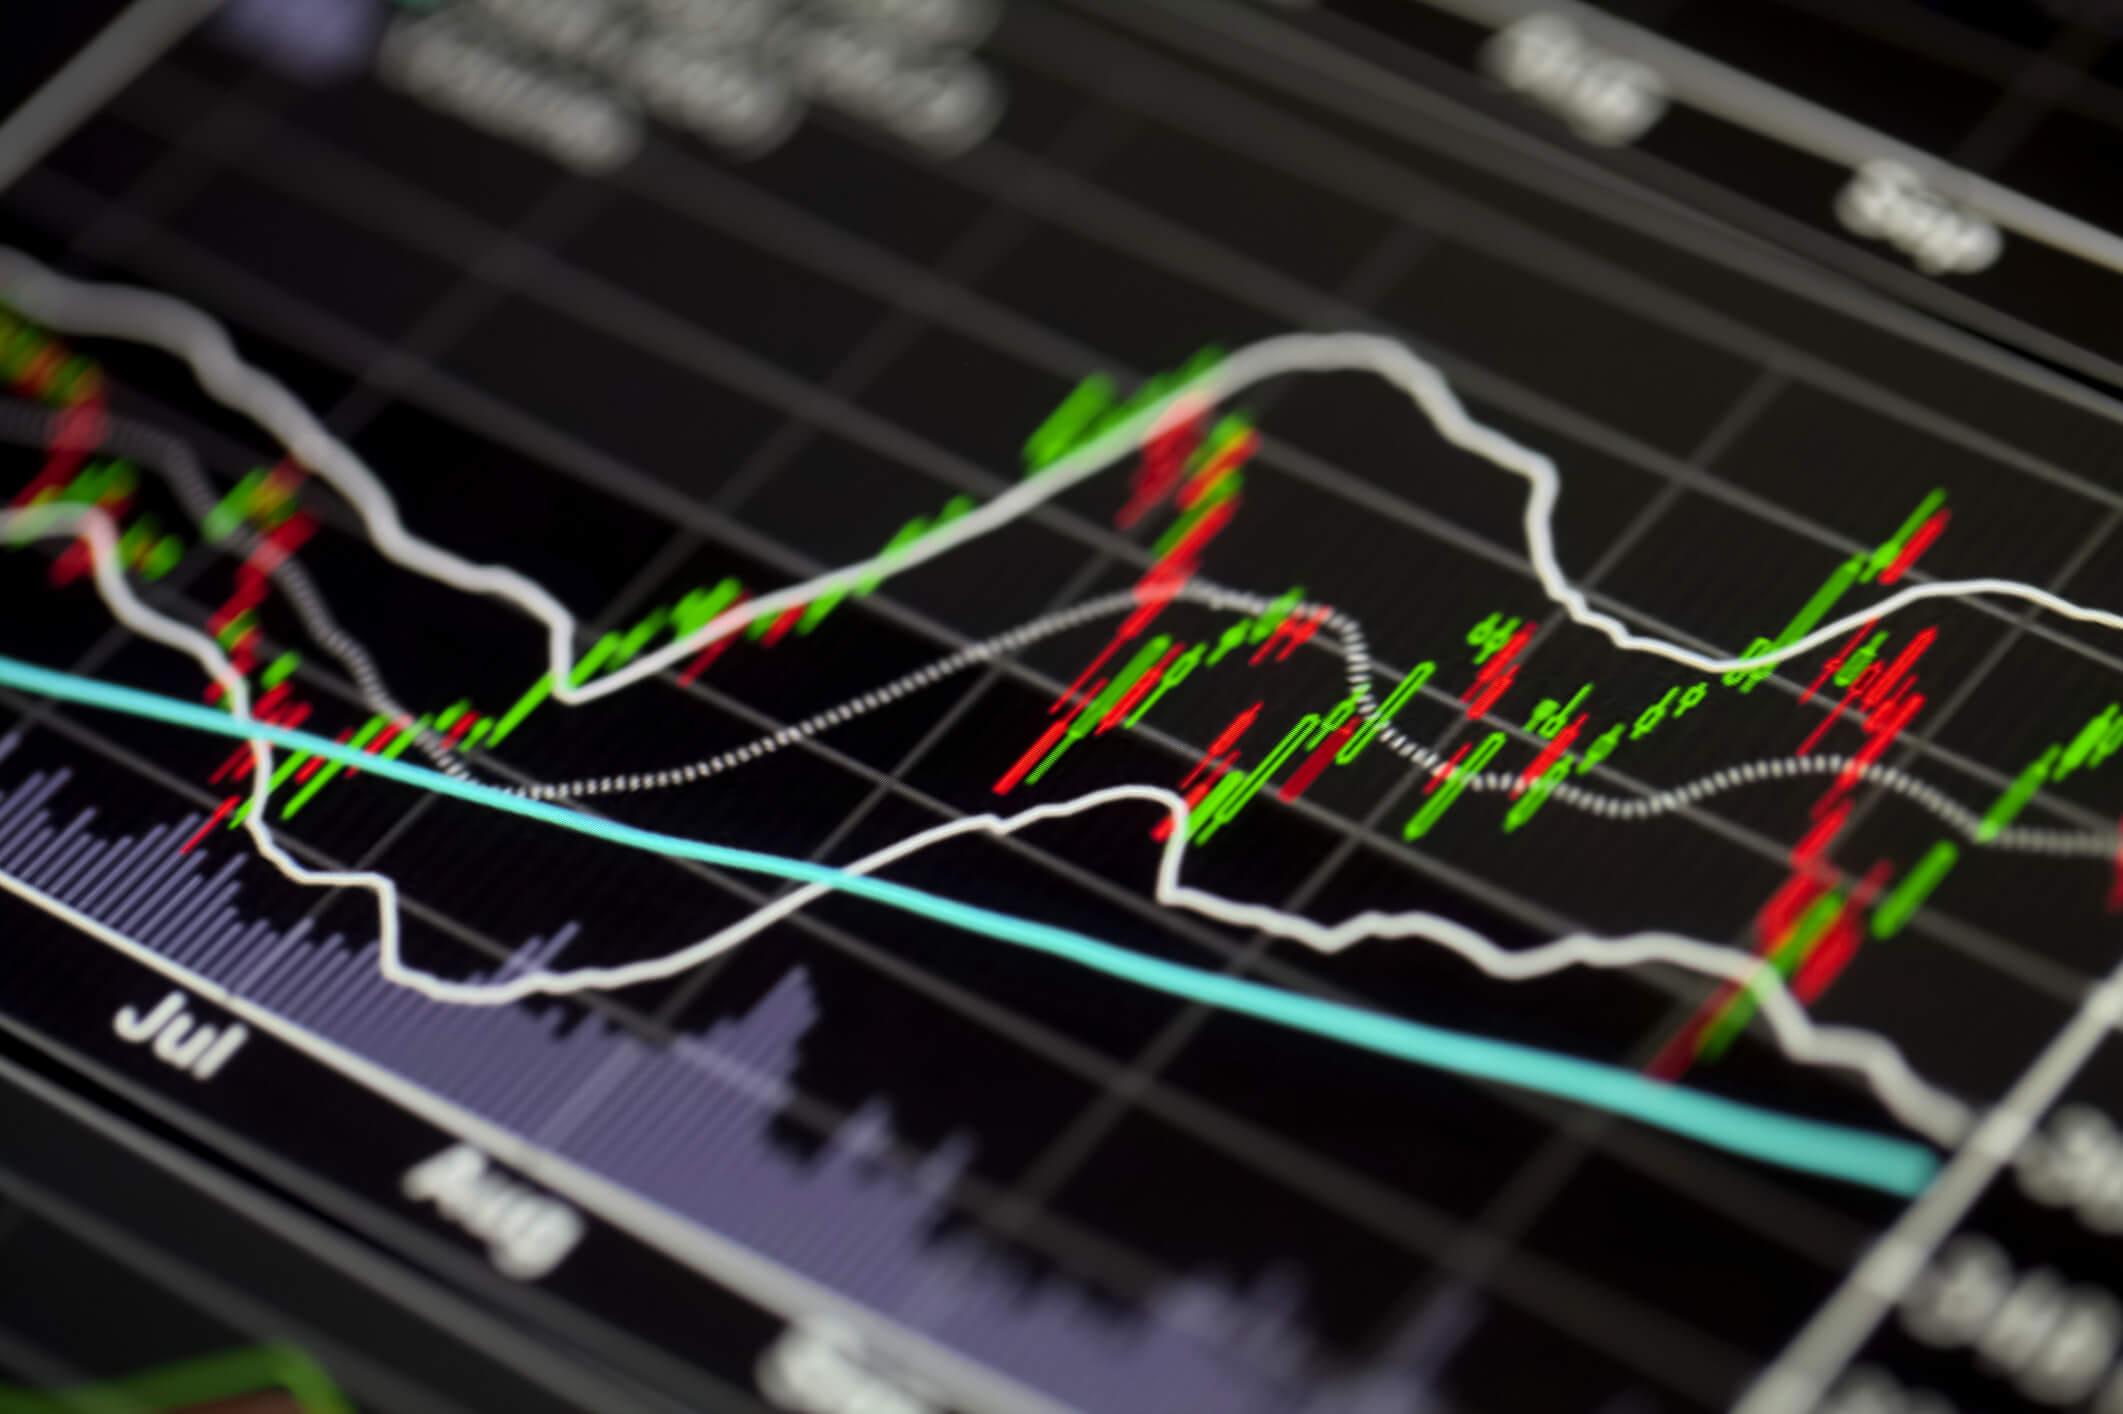 virziena iespēju stratēģijas bināro opciju tirdzniecības stratēģijas